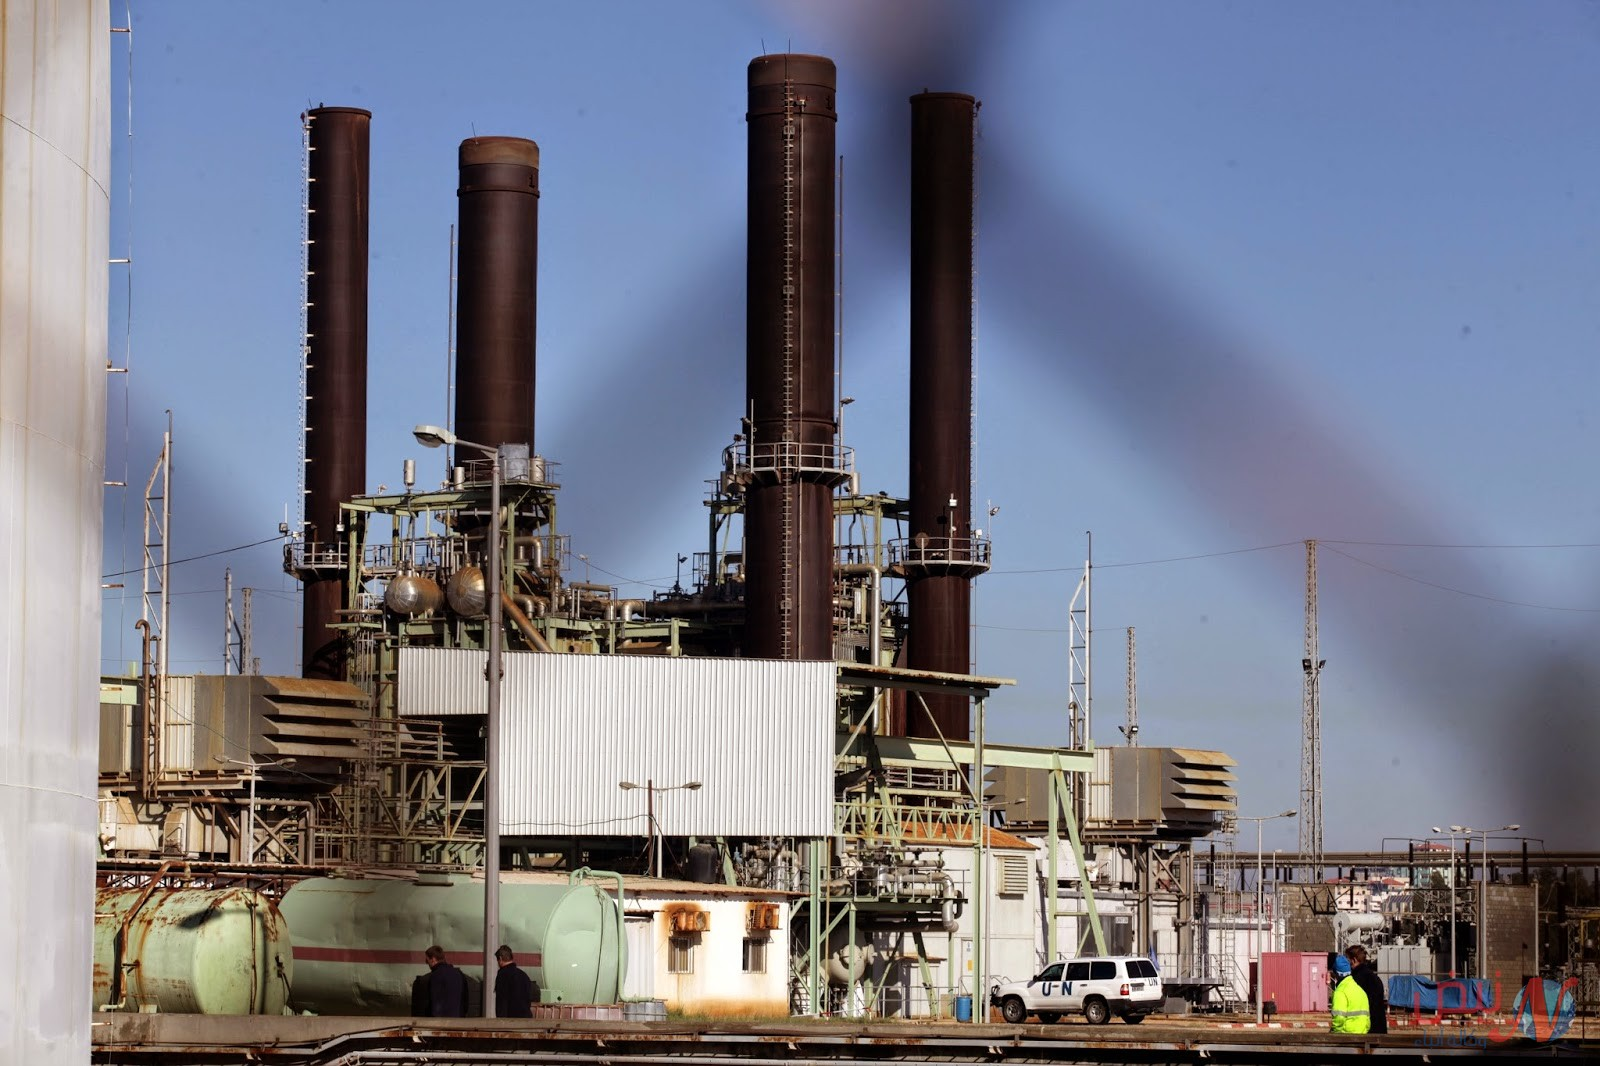 شركة الكهرباء بغزة تؤكد ابتداء من اليوم سيتم العمل على جدول ال8 ساعات